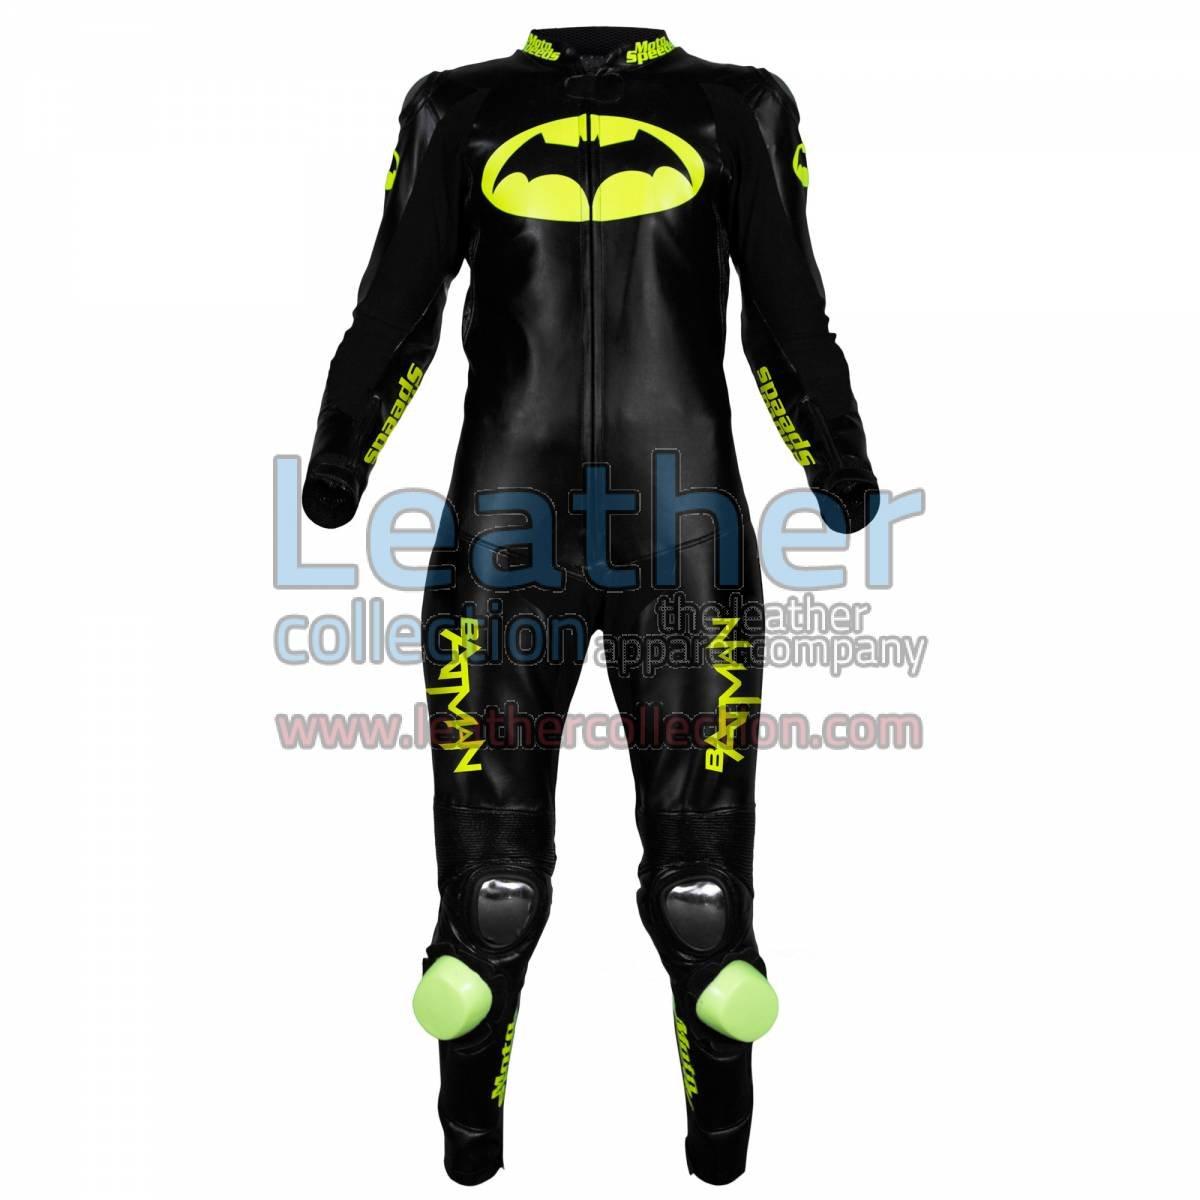 Batman Motorcycle Racing Leathers